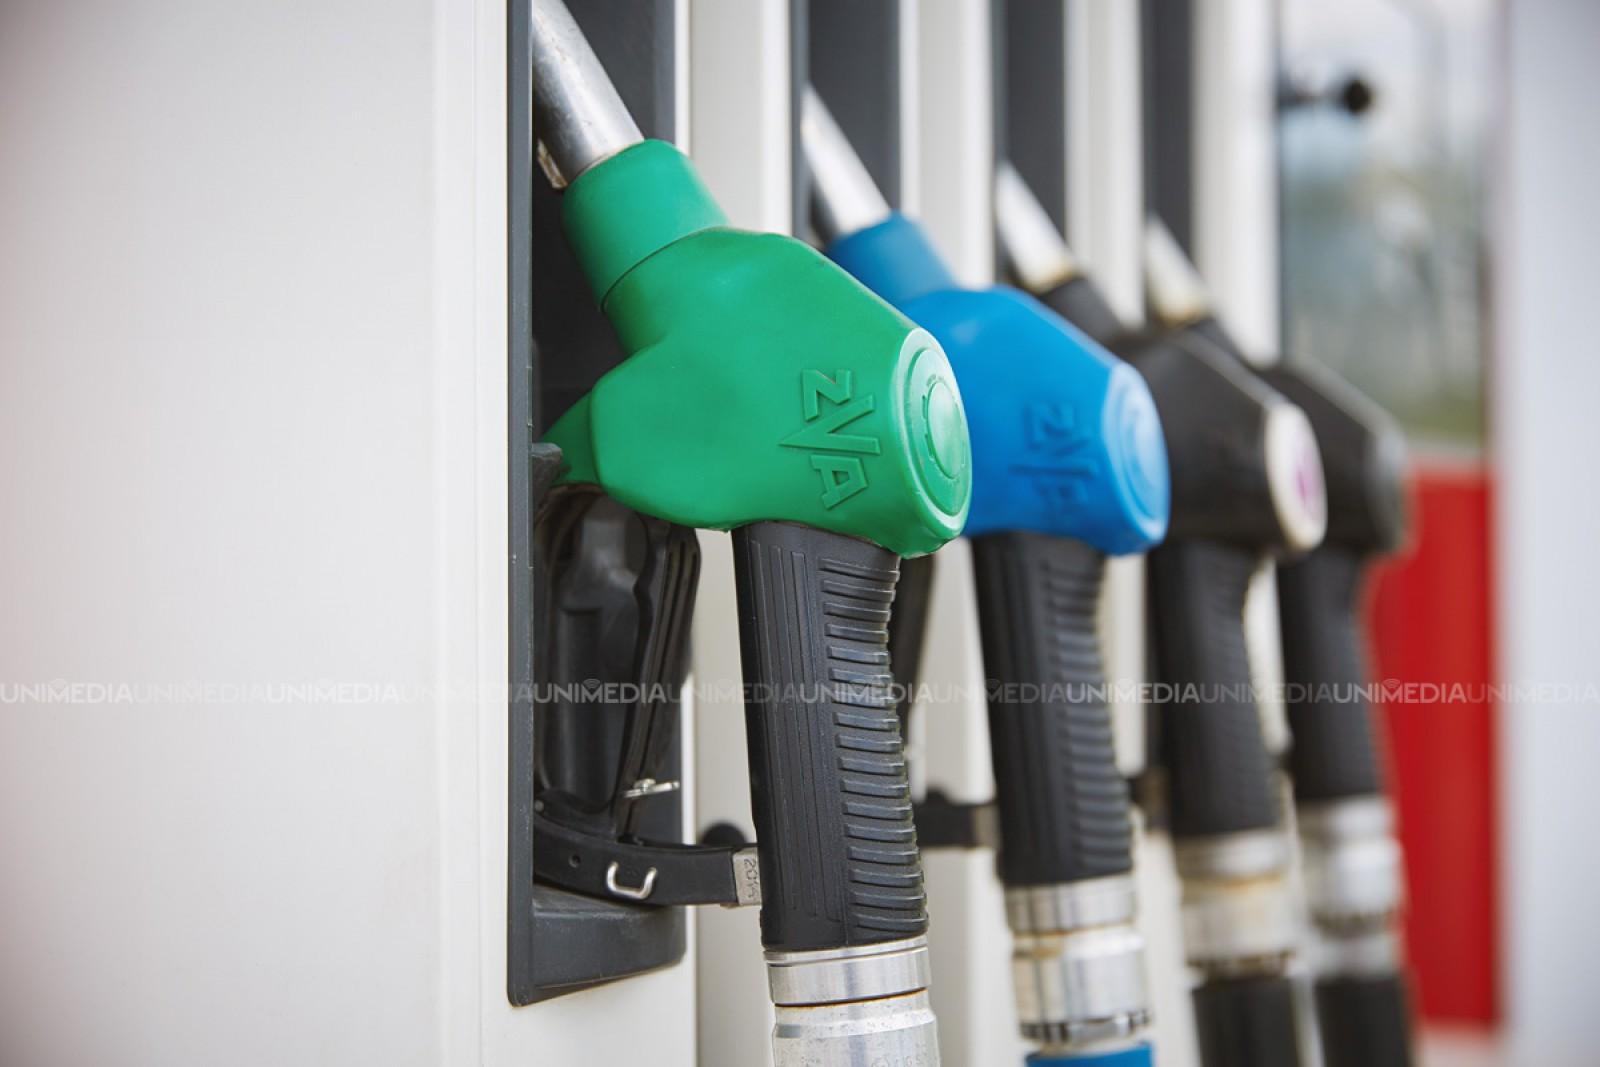 Benzina și motorina s-au scumpit considerabil. ANRE a anunțat noile prețuri plafon